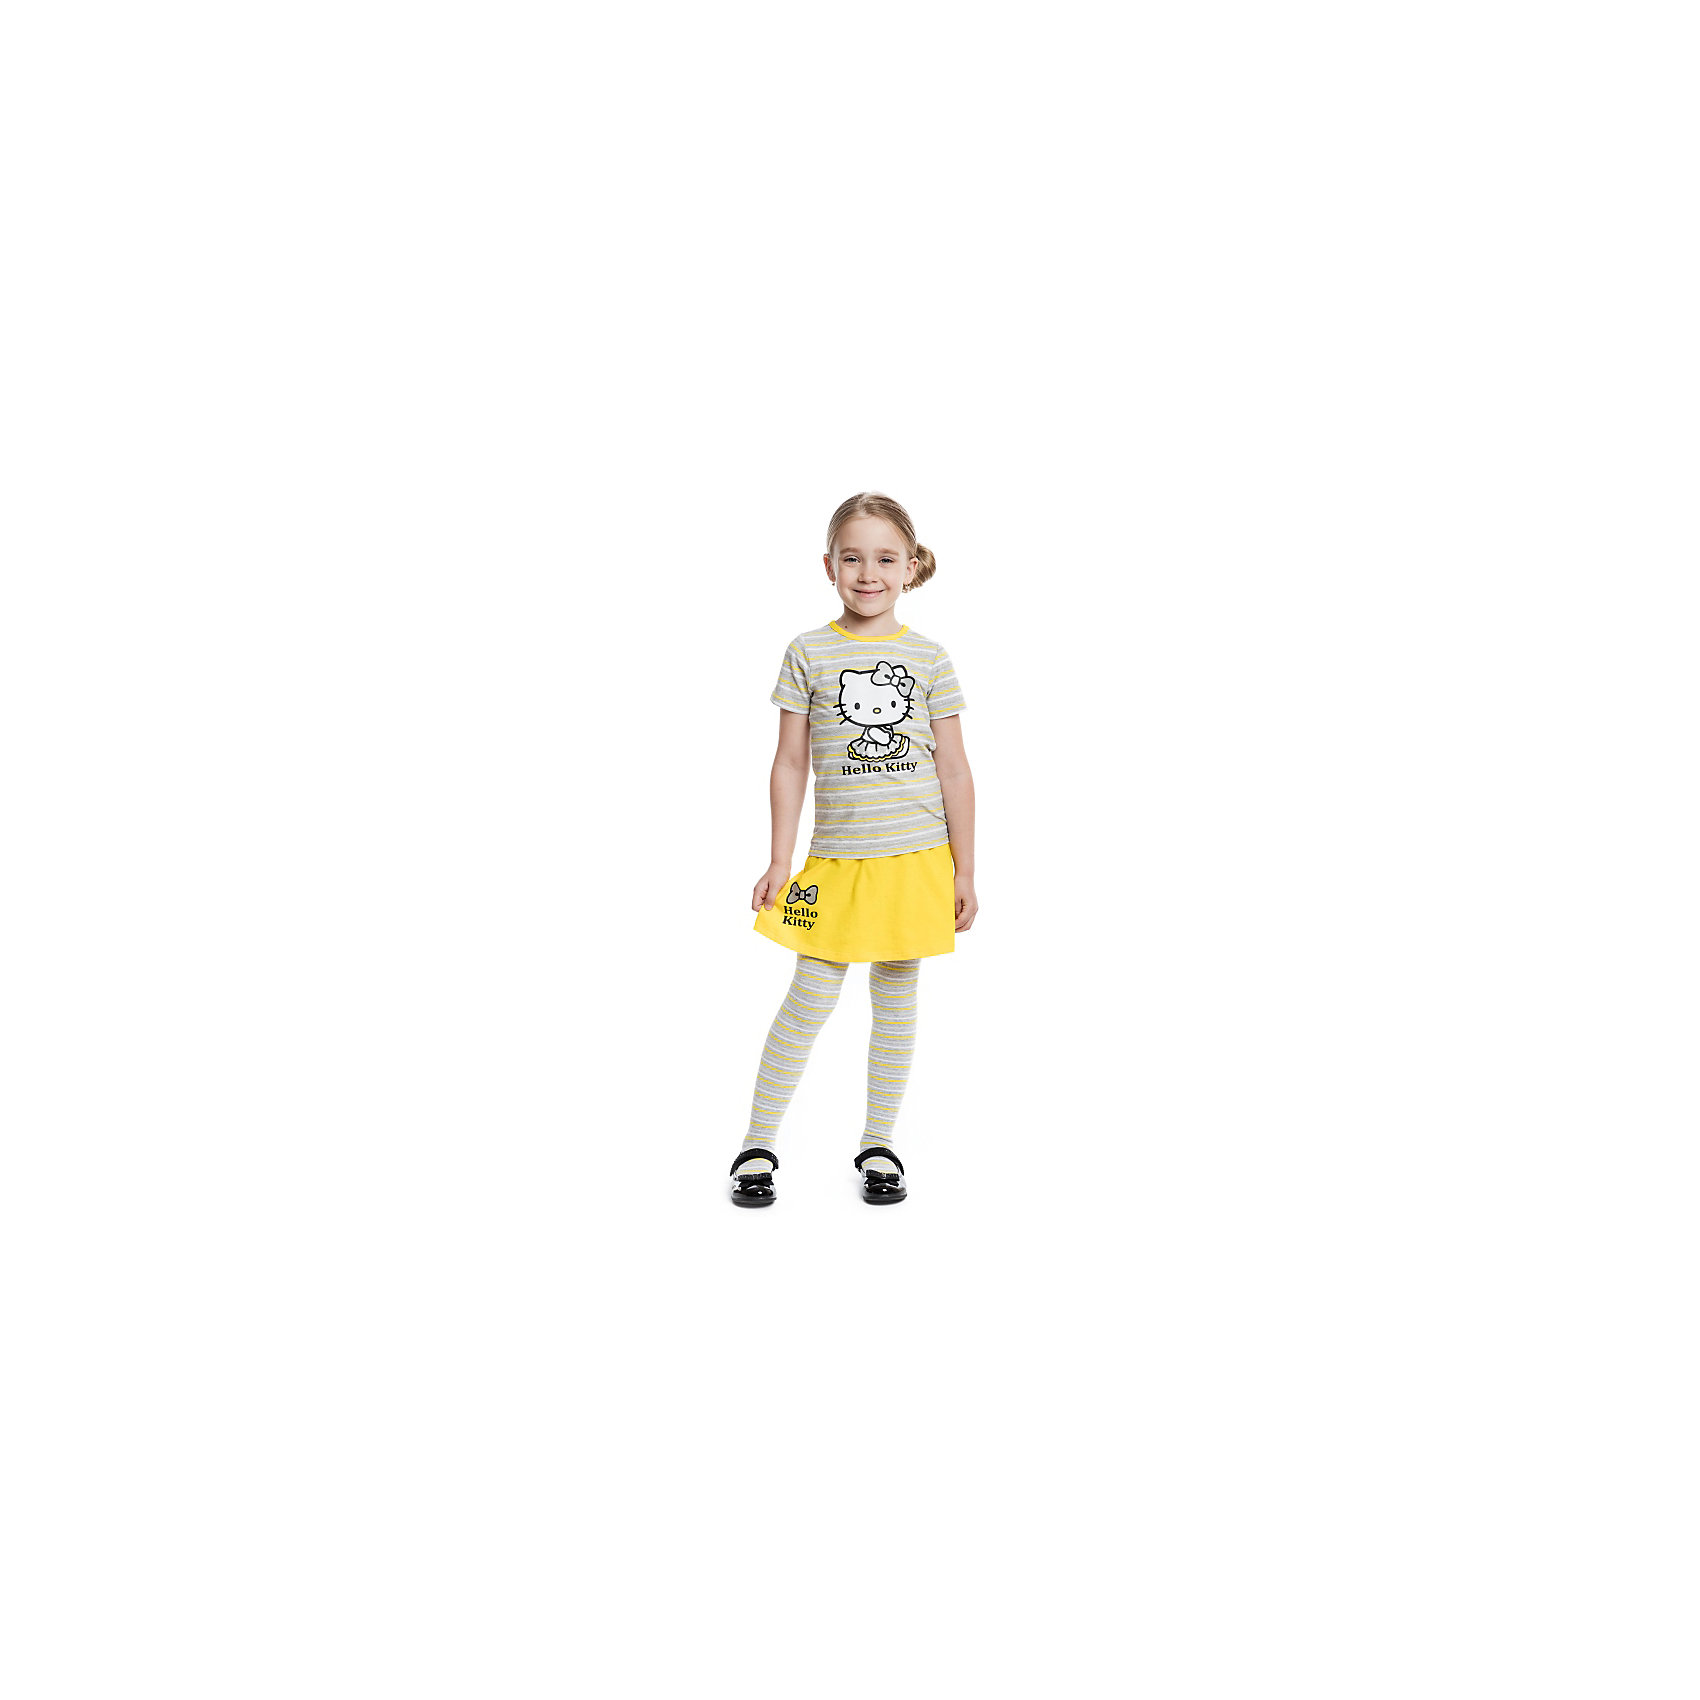 Комплект: футболка и юбка для девочки PlayTodayКомплект: футболка и юбка для девочки от известного бренда PlayToday.<br>Яркий комплект изх футболки с короткими рукавами и юбки. Футболка украшена лицензионным принтом Hello Kitty. Пояс юбки на мягкой резинке. Декорирована объемным бантиком и резиновым принтом с надписью.<br>Состав:<br>95% хлопок, 5% эластан<br><br>Ширина мм: 207<br>Глубина мм: 10<br>Высота мм: 189<br>Вес г: 183<br>Цвет: разноцветный<br>Возраст от месяцев: 72<br>Возраст до месяцев: 84<br>Пол: Женский<br>Возраст: Детский<br>Размер: 122,104,110,116,128,98<br>SKU: 4897159